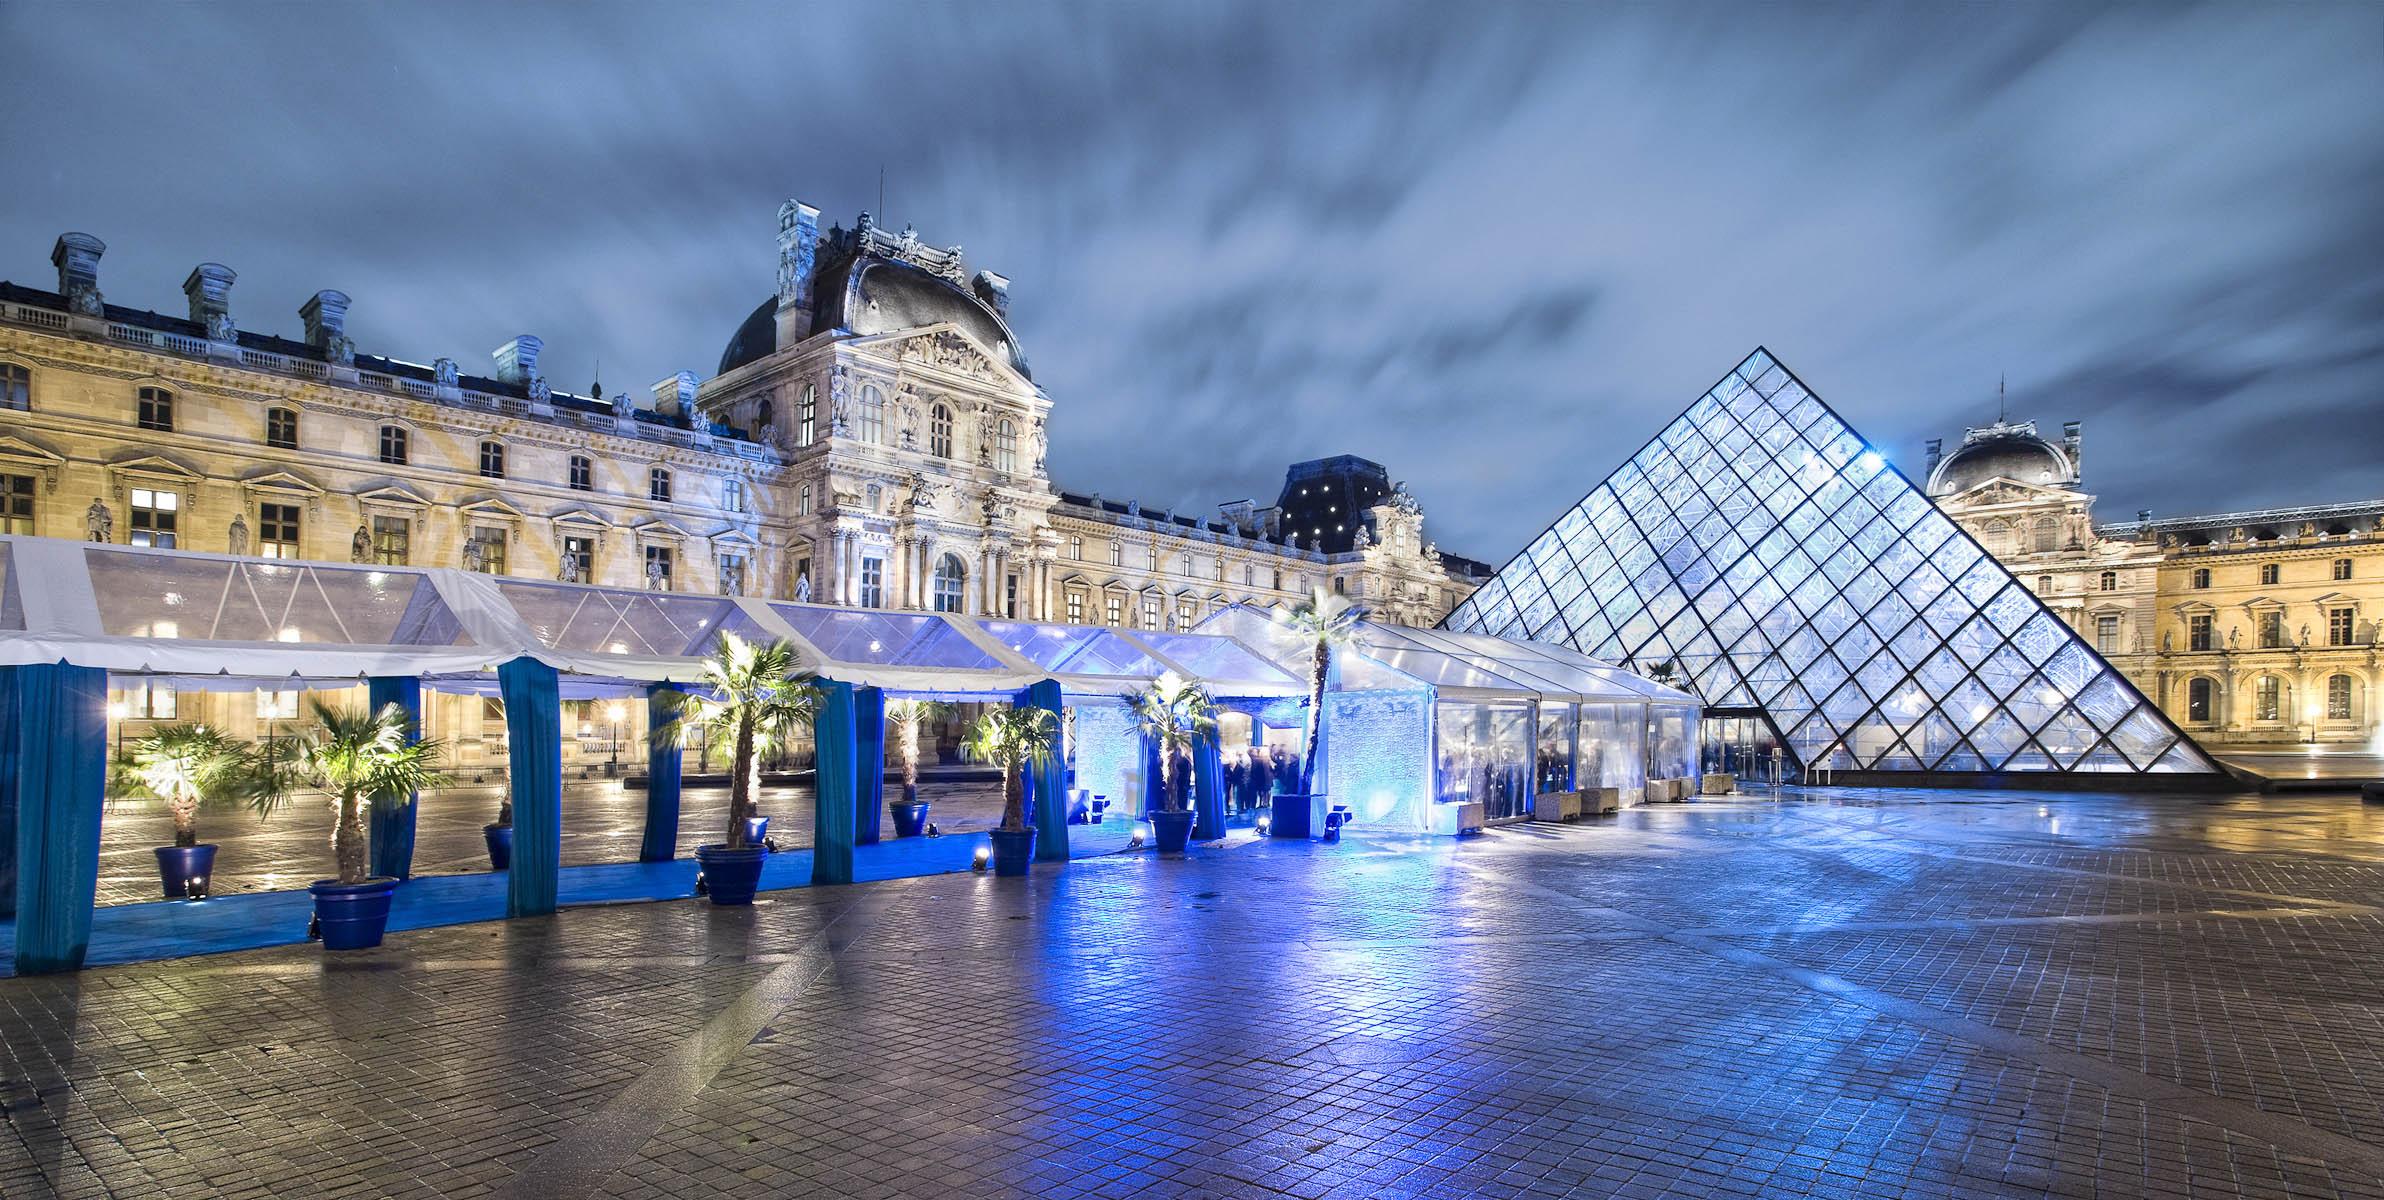 Photographe de Vue Panoramique : Pyramide du Louvre